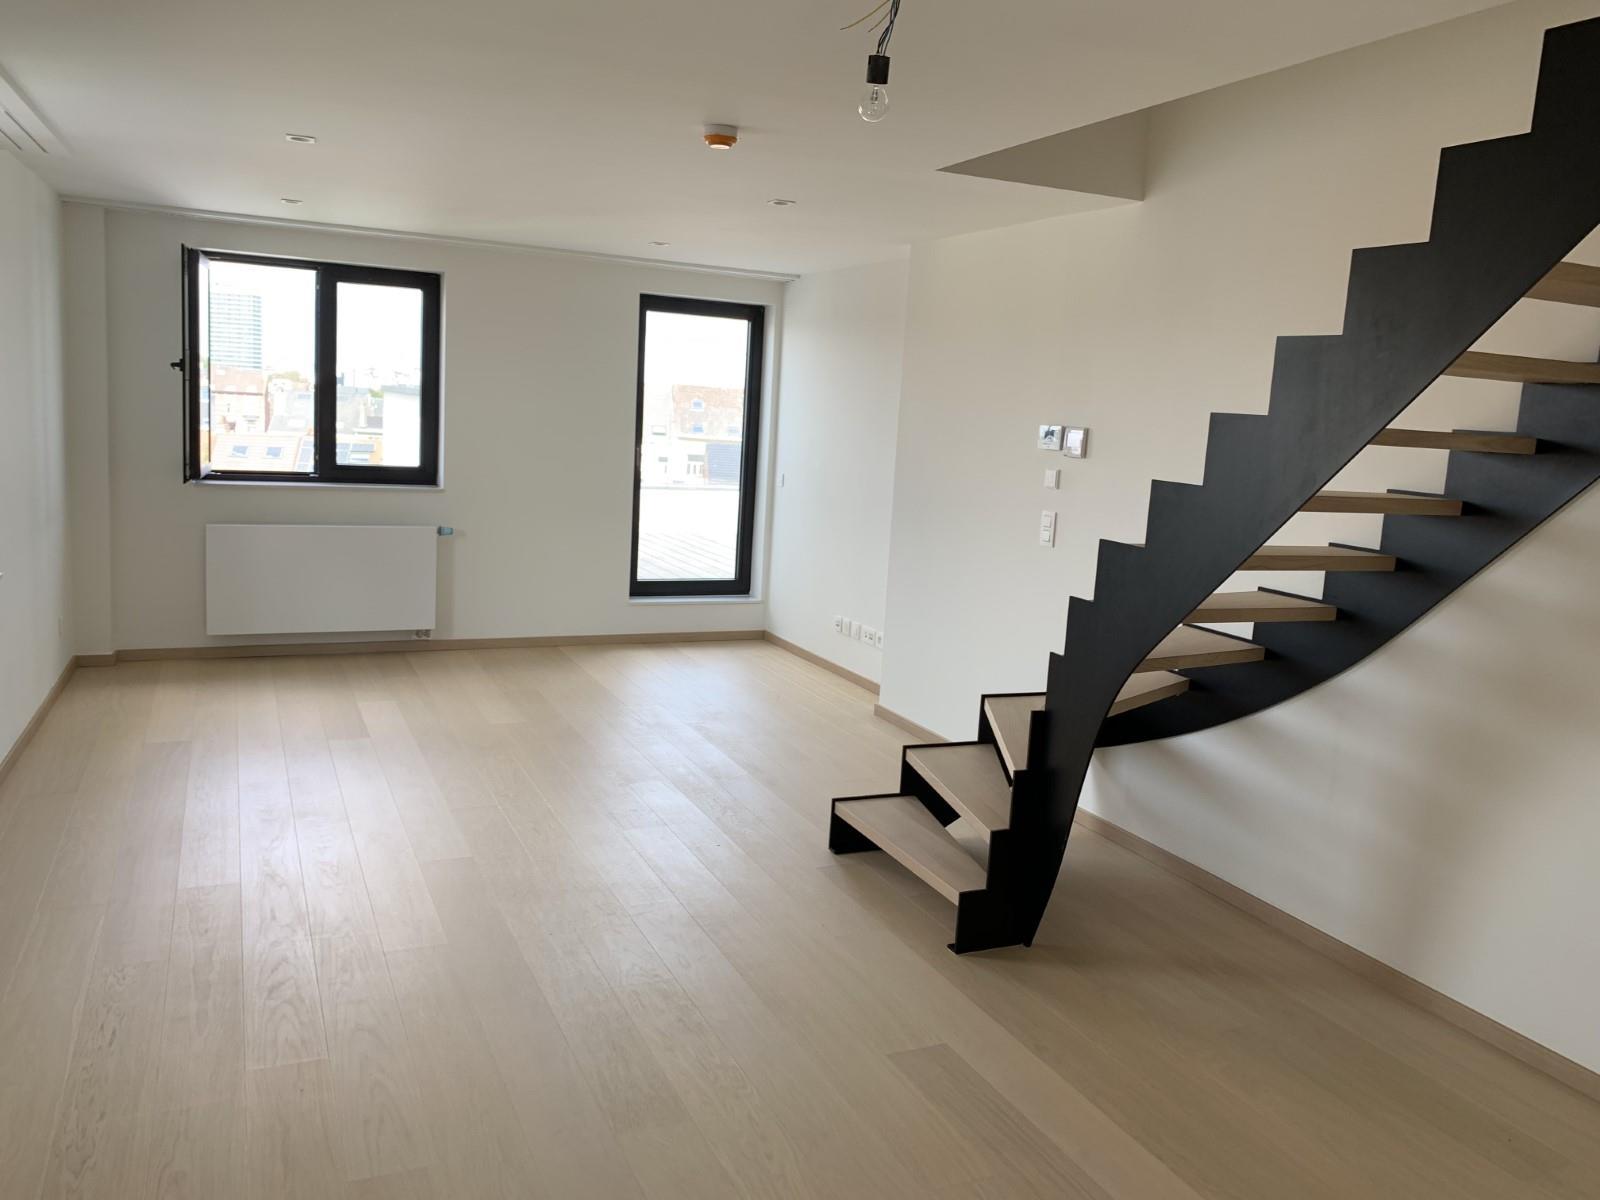 Duplex - Ixelles - #3929583-1